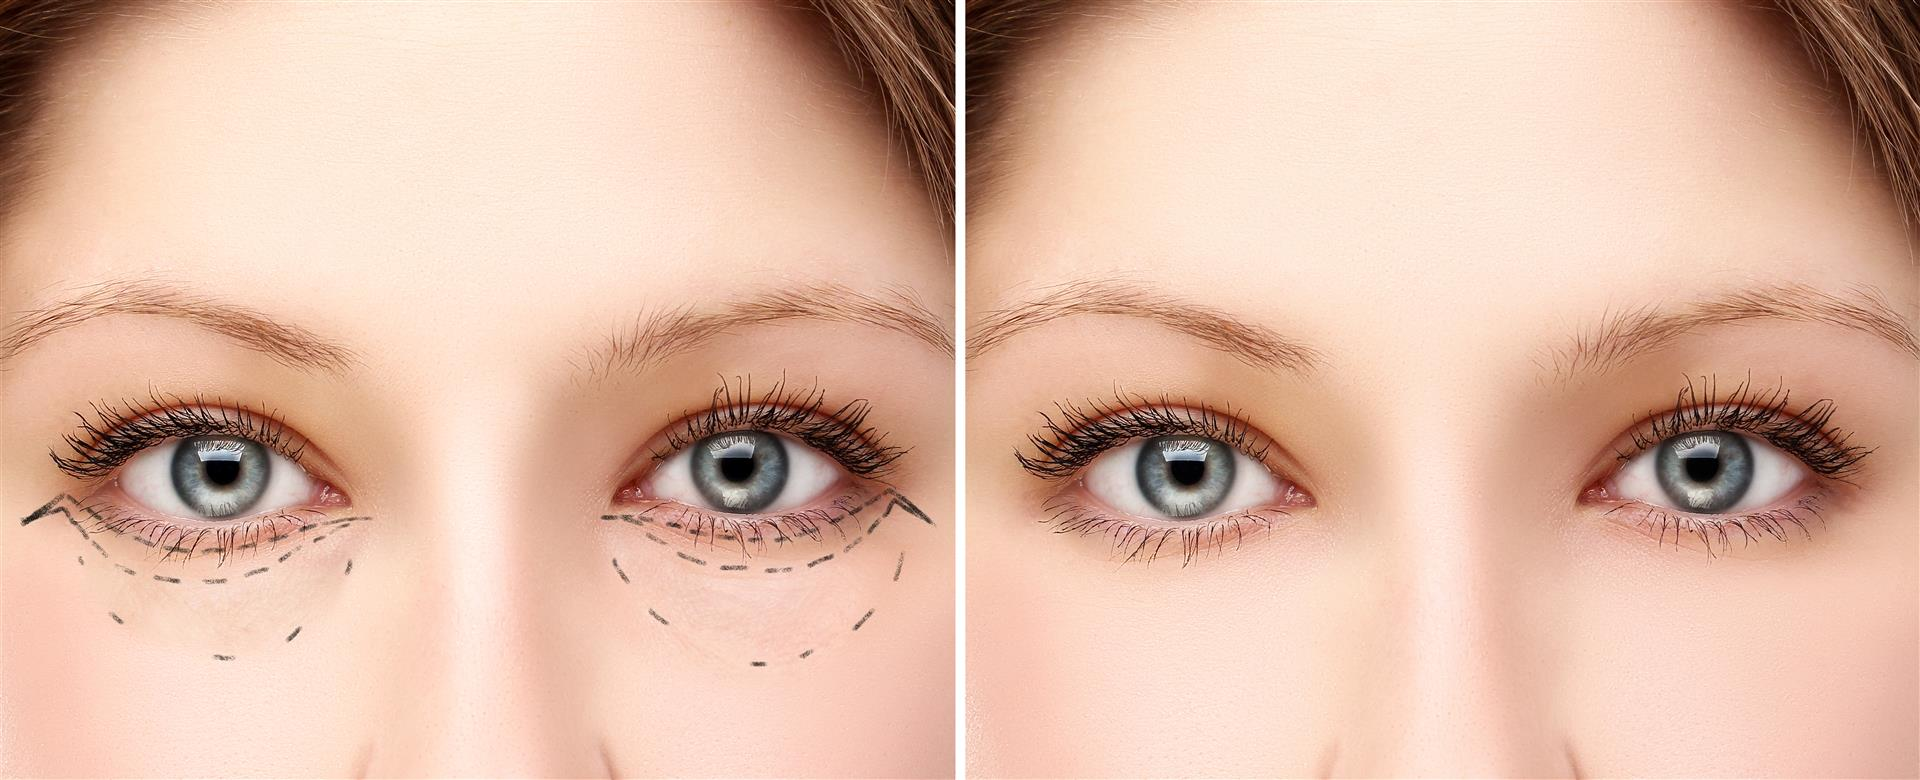 hogyan lehet elveszíteni a felső szemhéj zsírját)